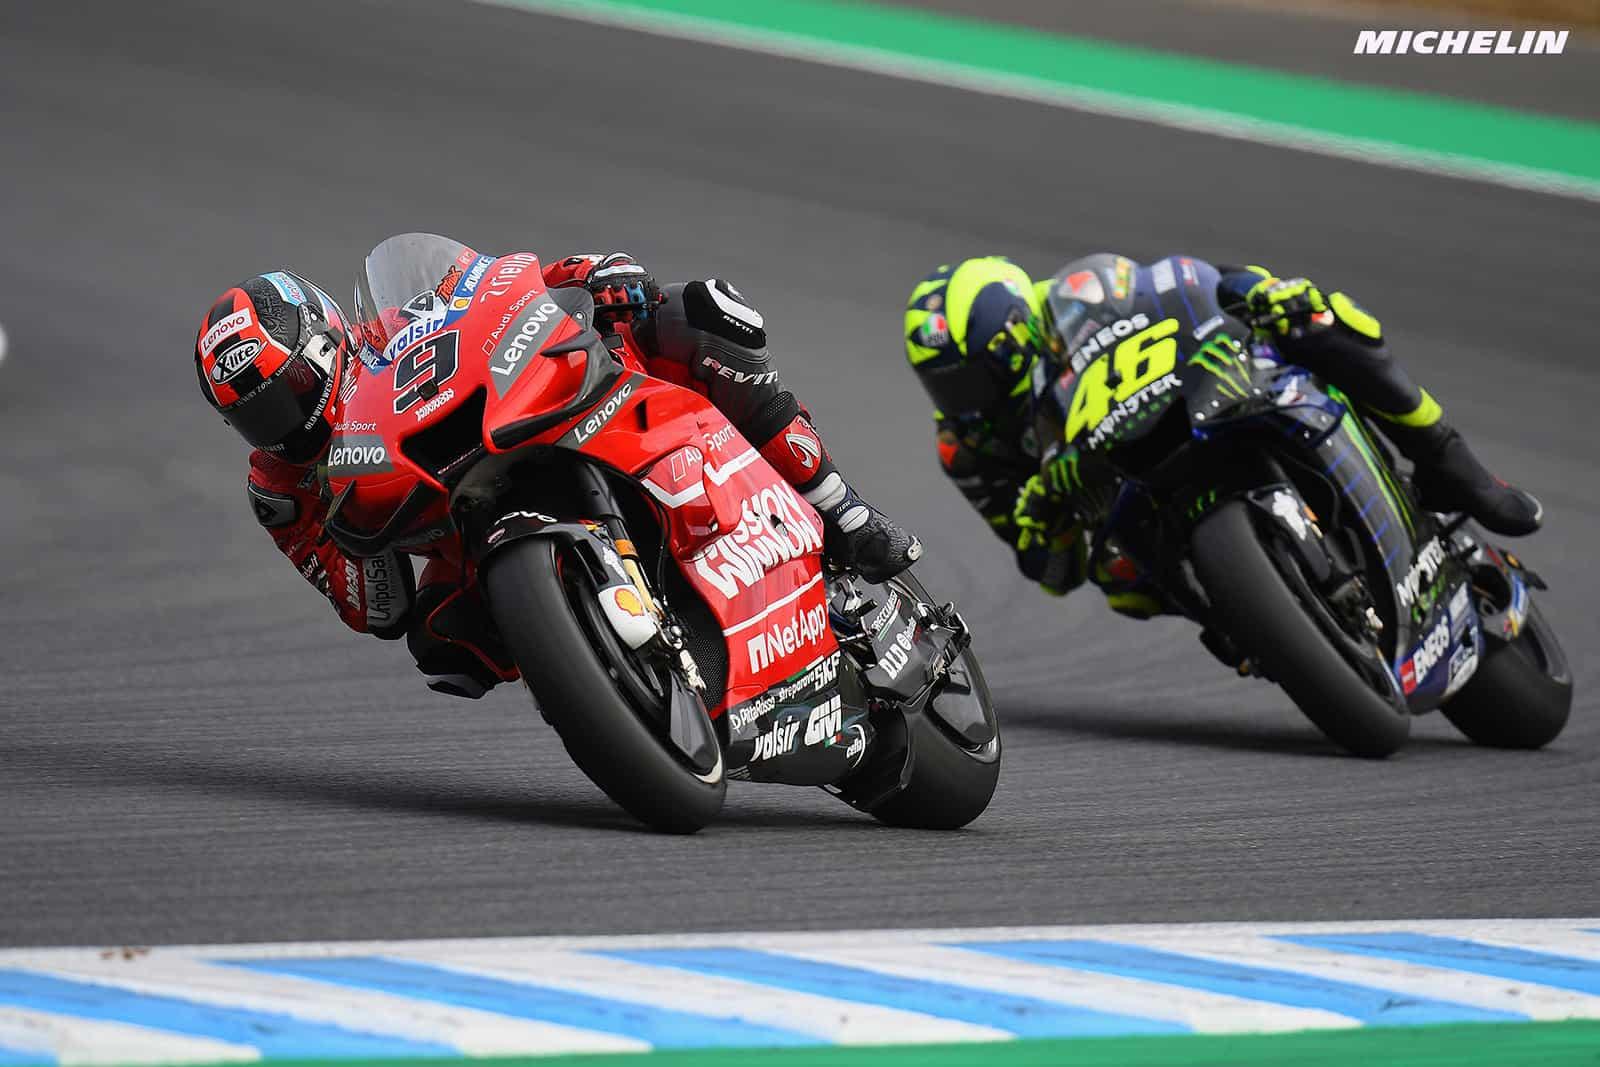 MotoGP2019日本GP 9位ペトルッチ「トップグループで戦うには不足している部分がある」